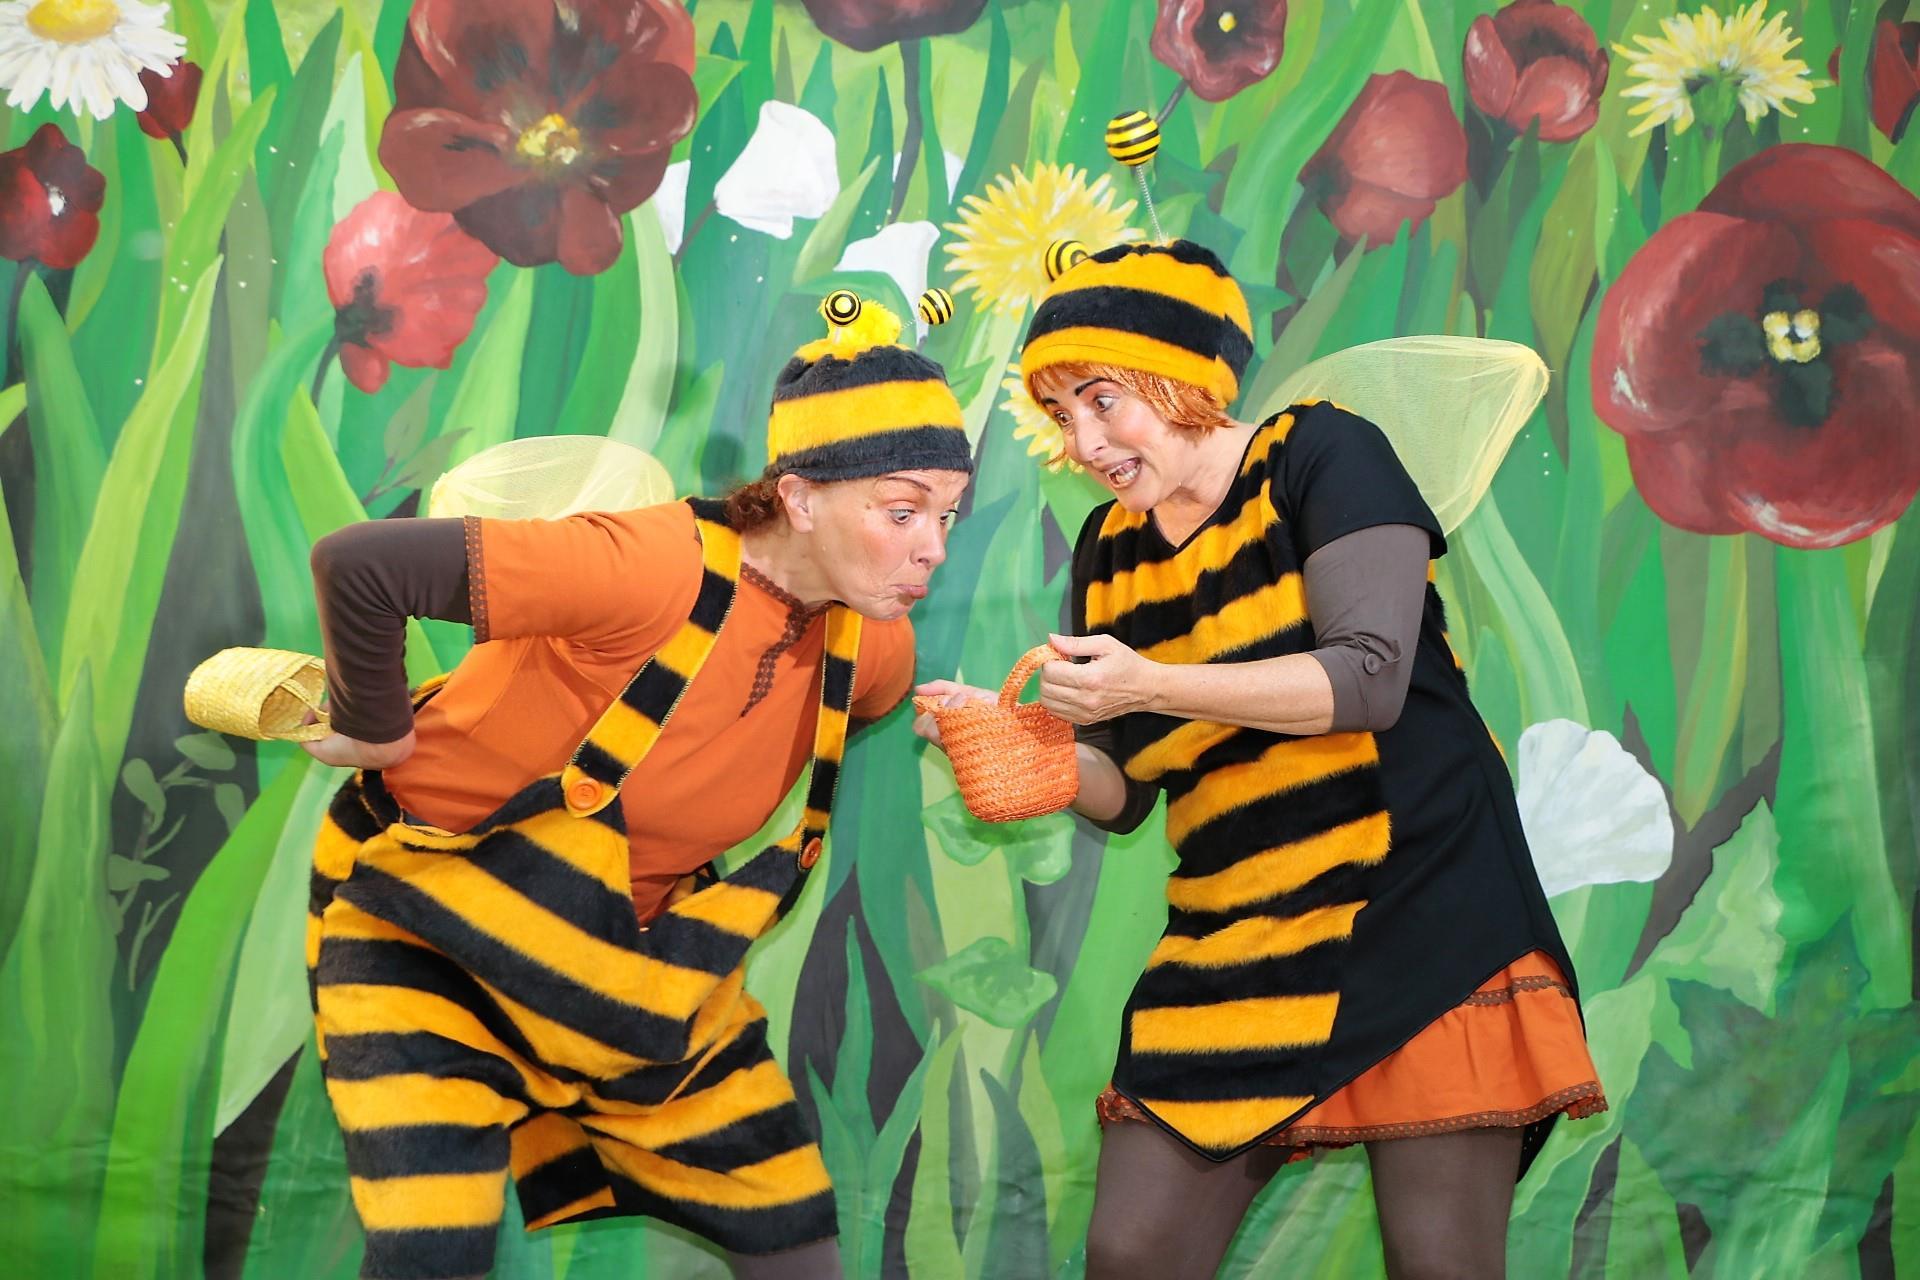 Biene-Maja-Gefahr-auf-der-Blumenwiese.jpg